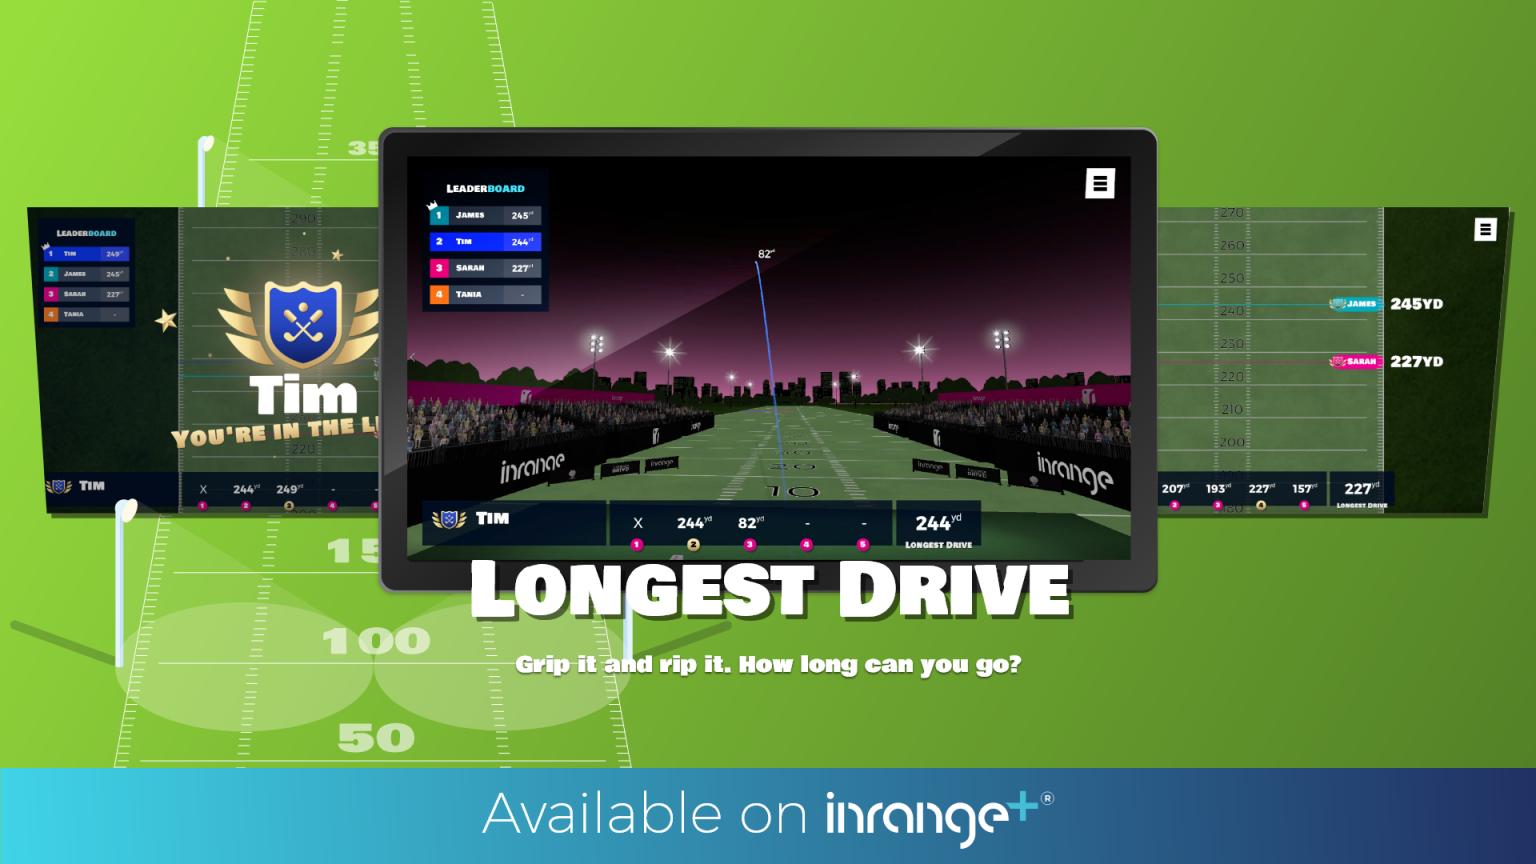 Longest Drive final